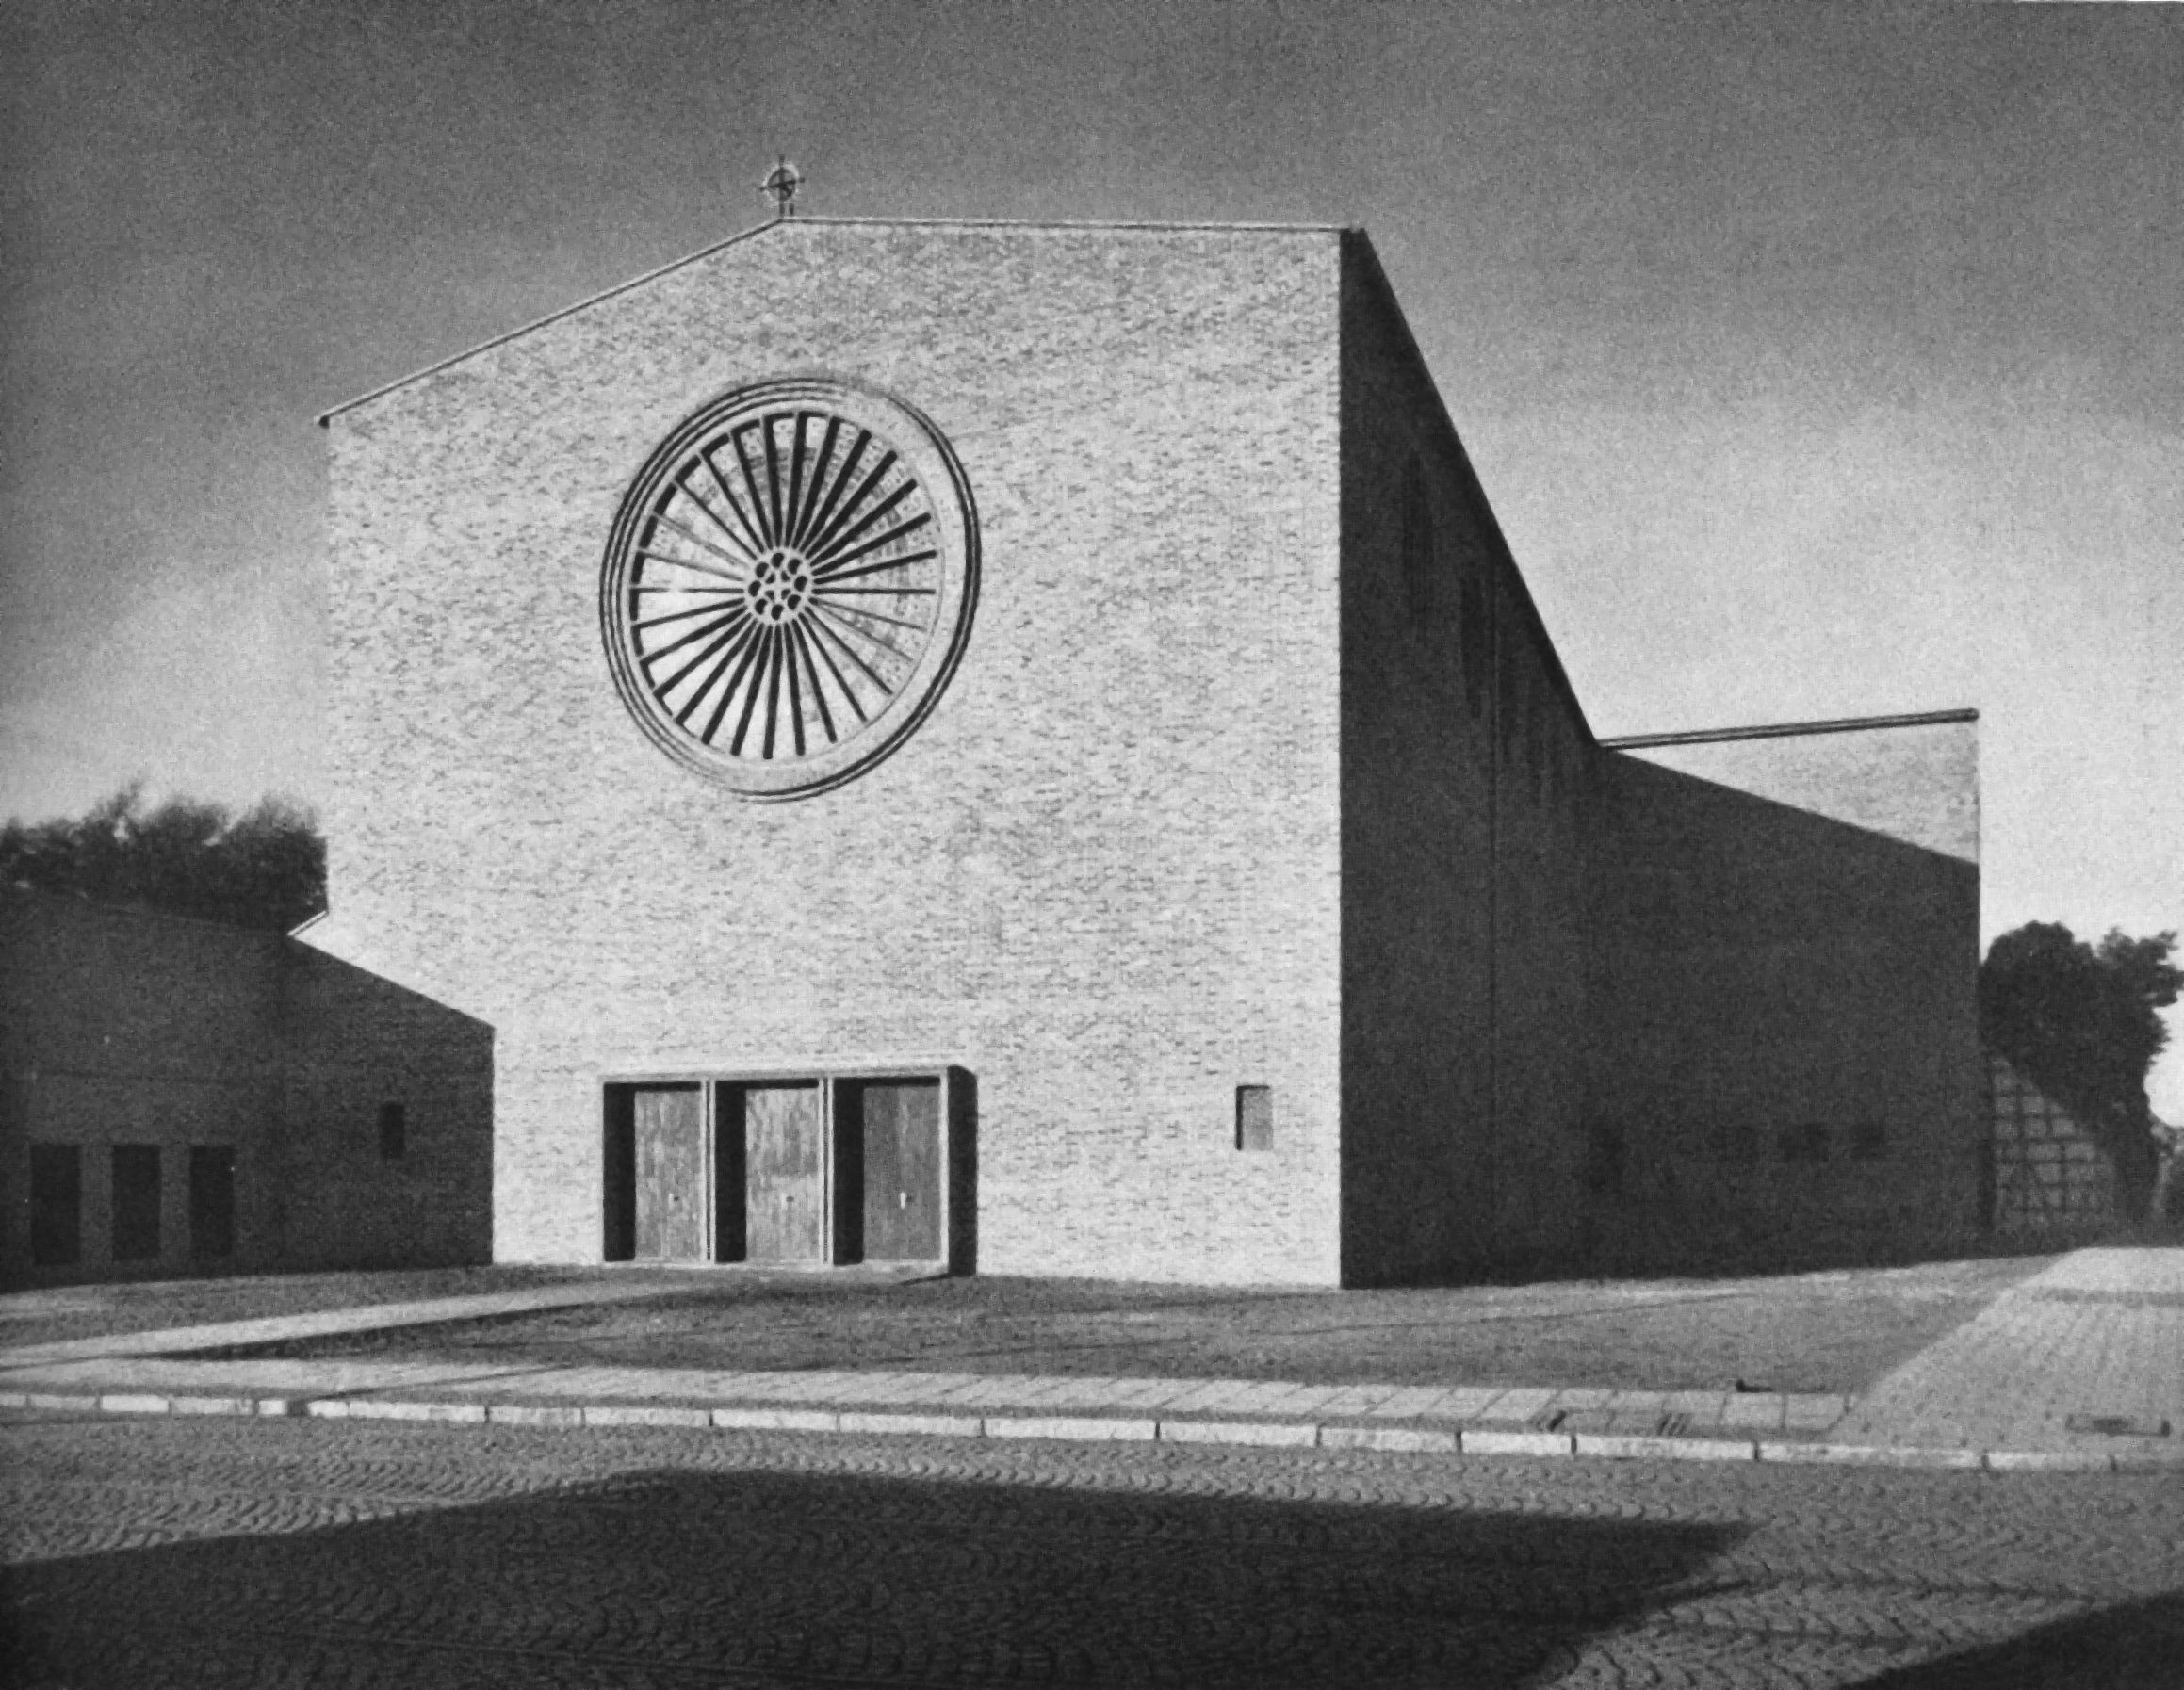 Innenarchitektur Osnabrück Studium heilige kreuz osnabrück schinkel by hugo schmoelz undef